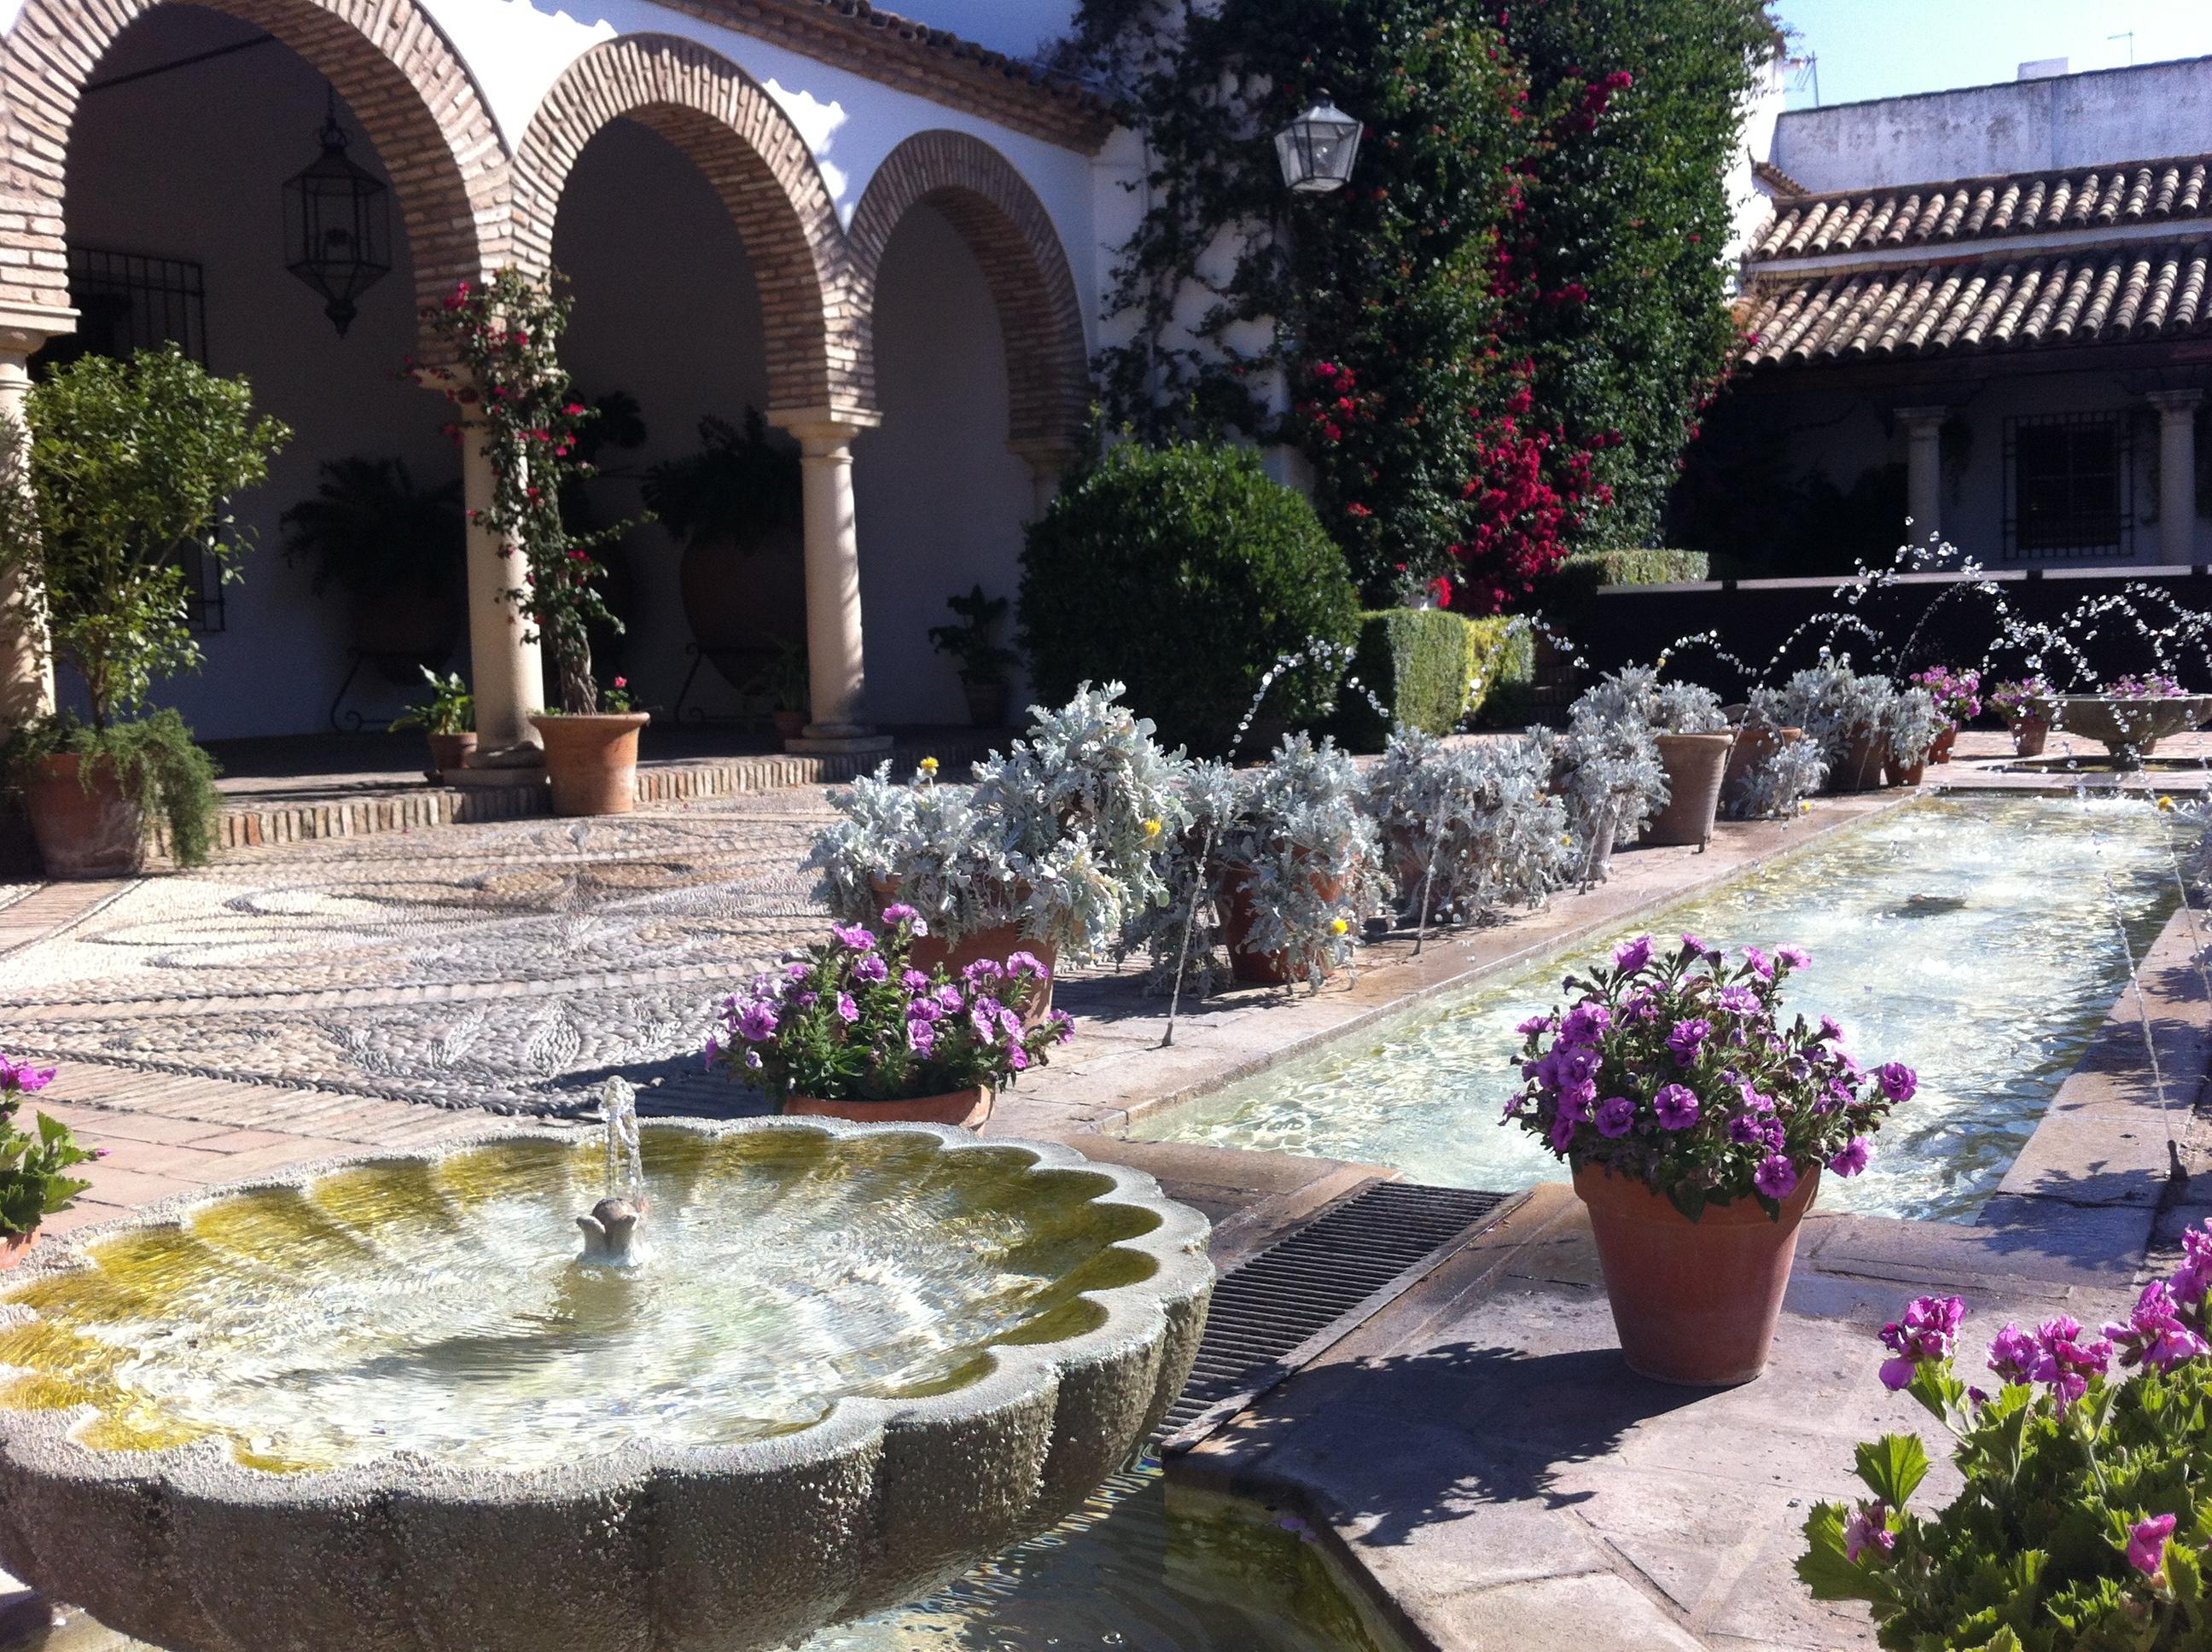 Palacio de Viana Cordoba Spain